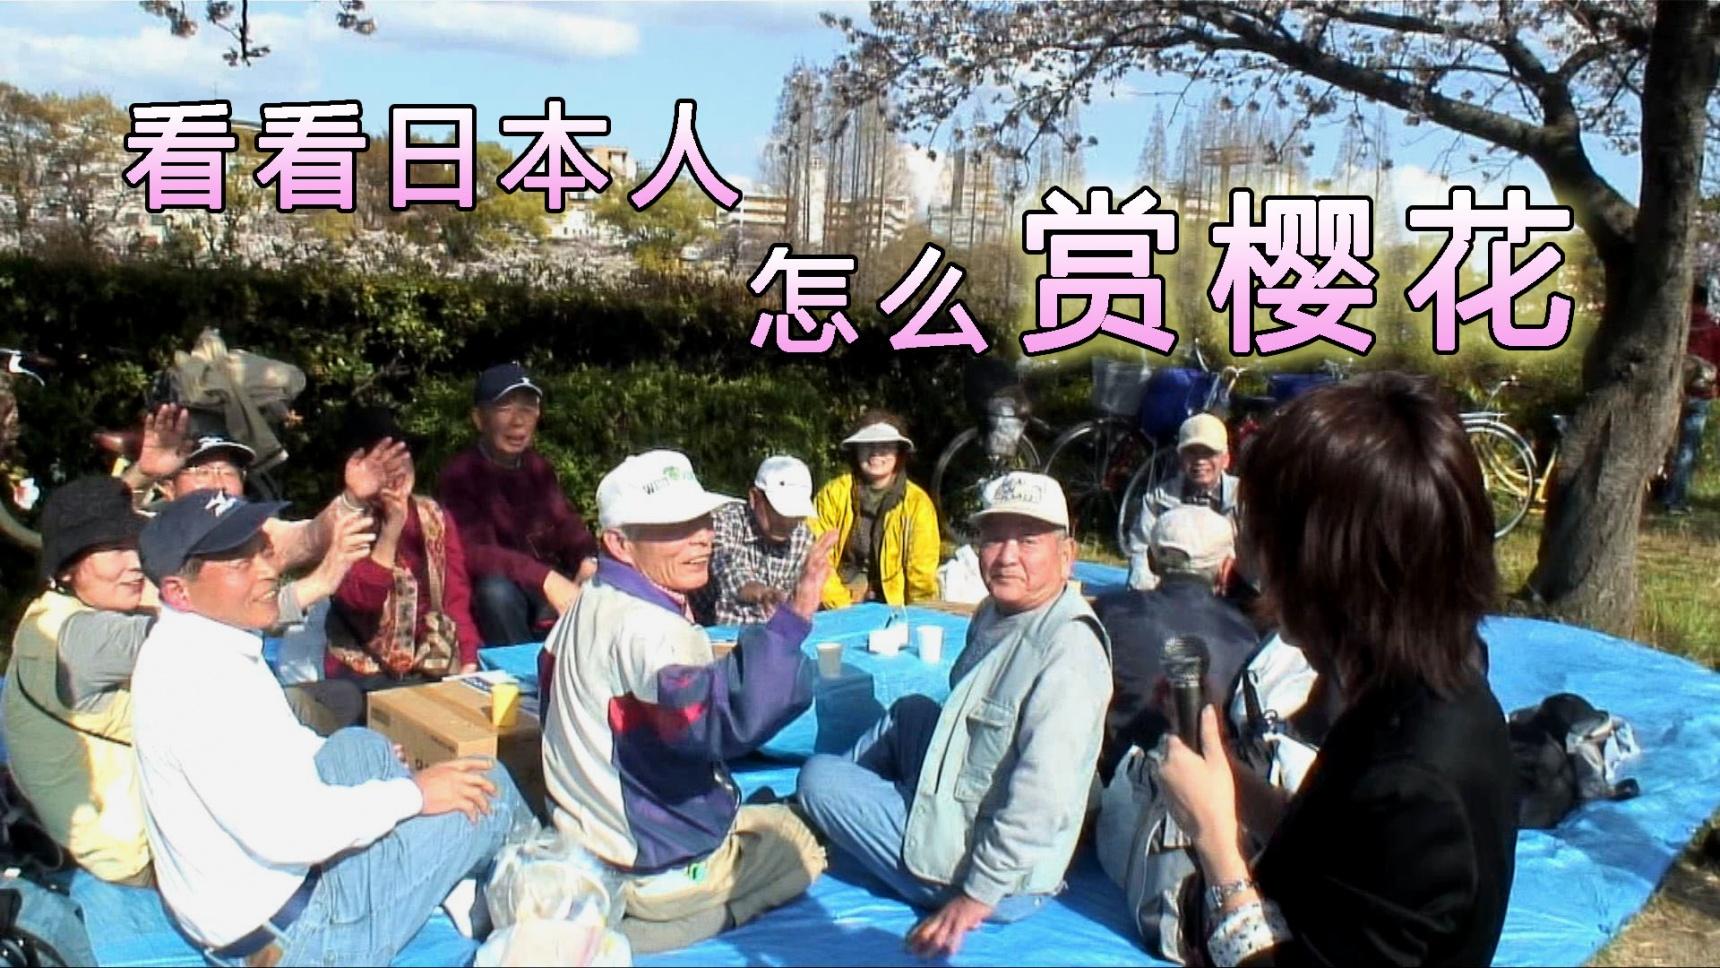 看看日本人怎么赏樱花